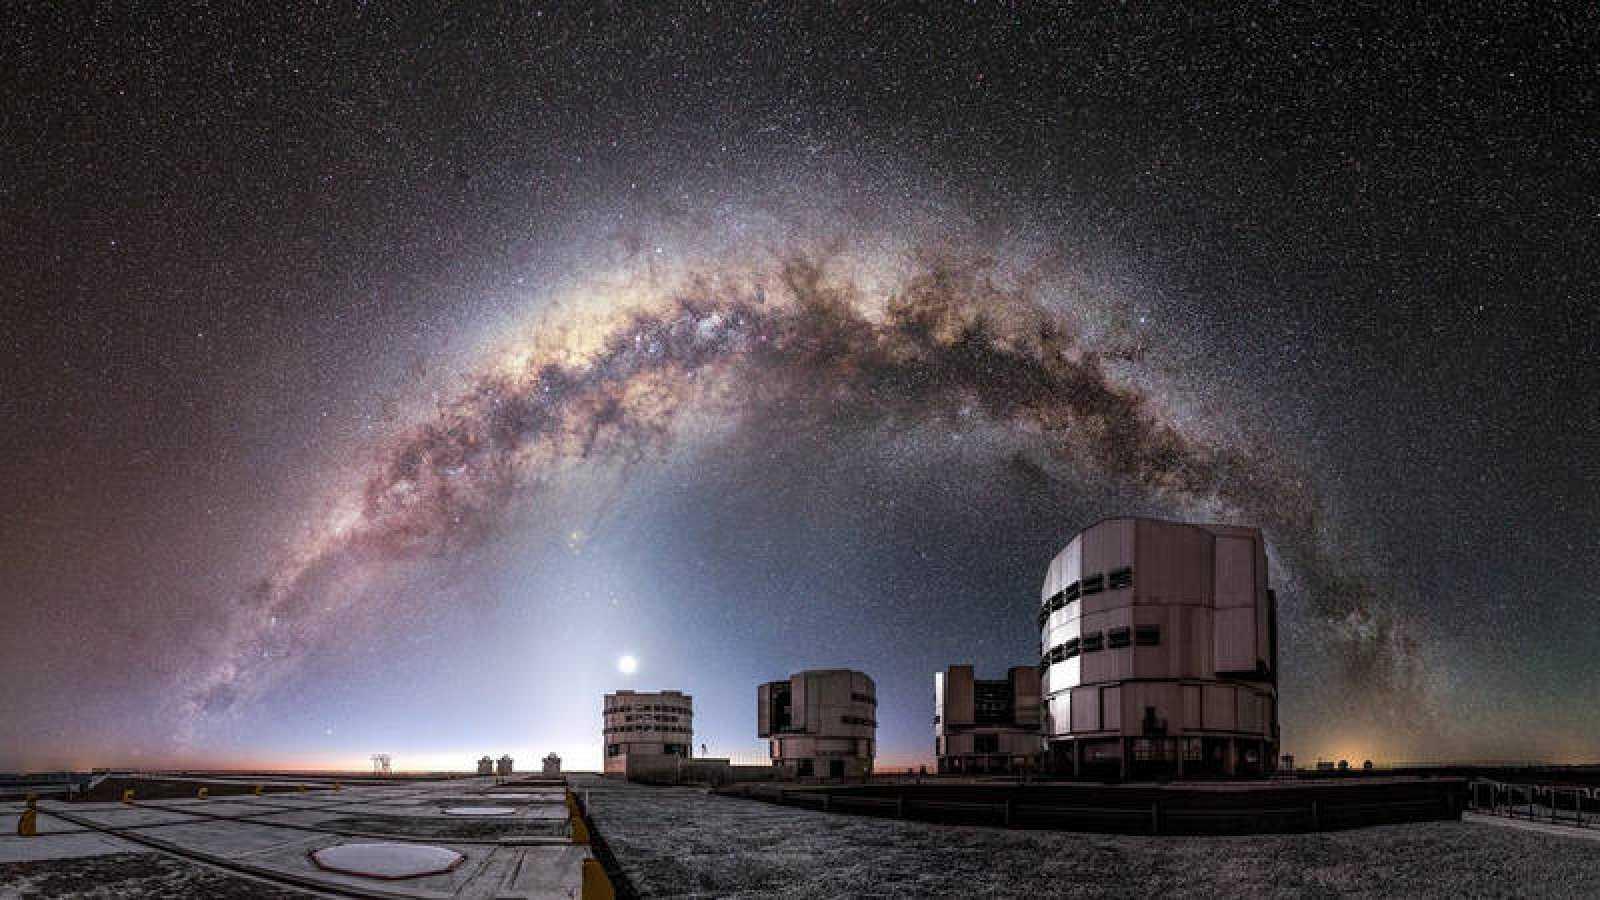 El buscador de exoplanetas ha comenzado a funcionar en las instalaciones del VLT, en el Observatorio Europeo Austral (ESO) de Chile.